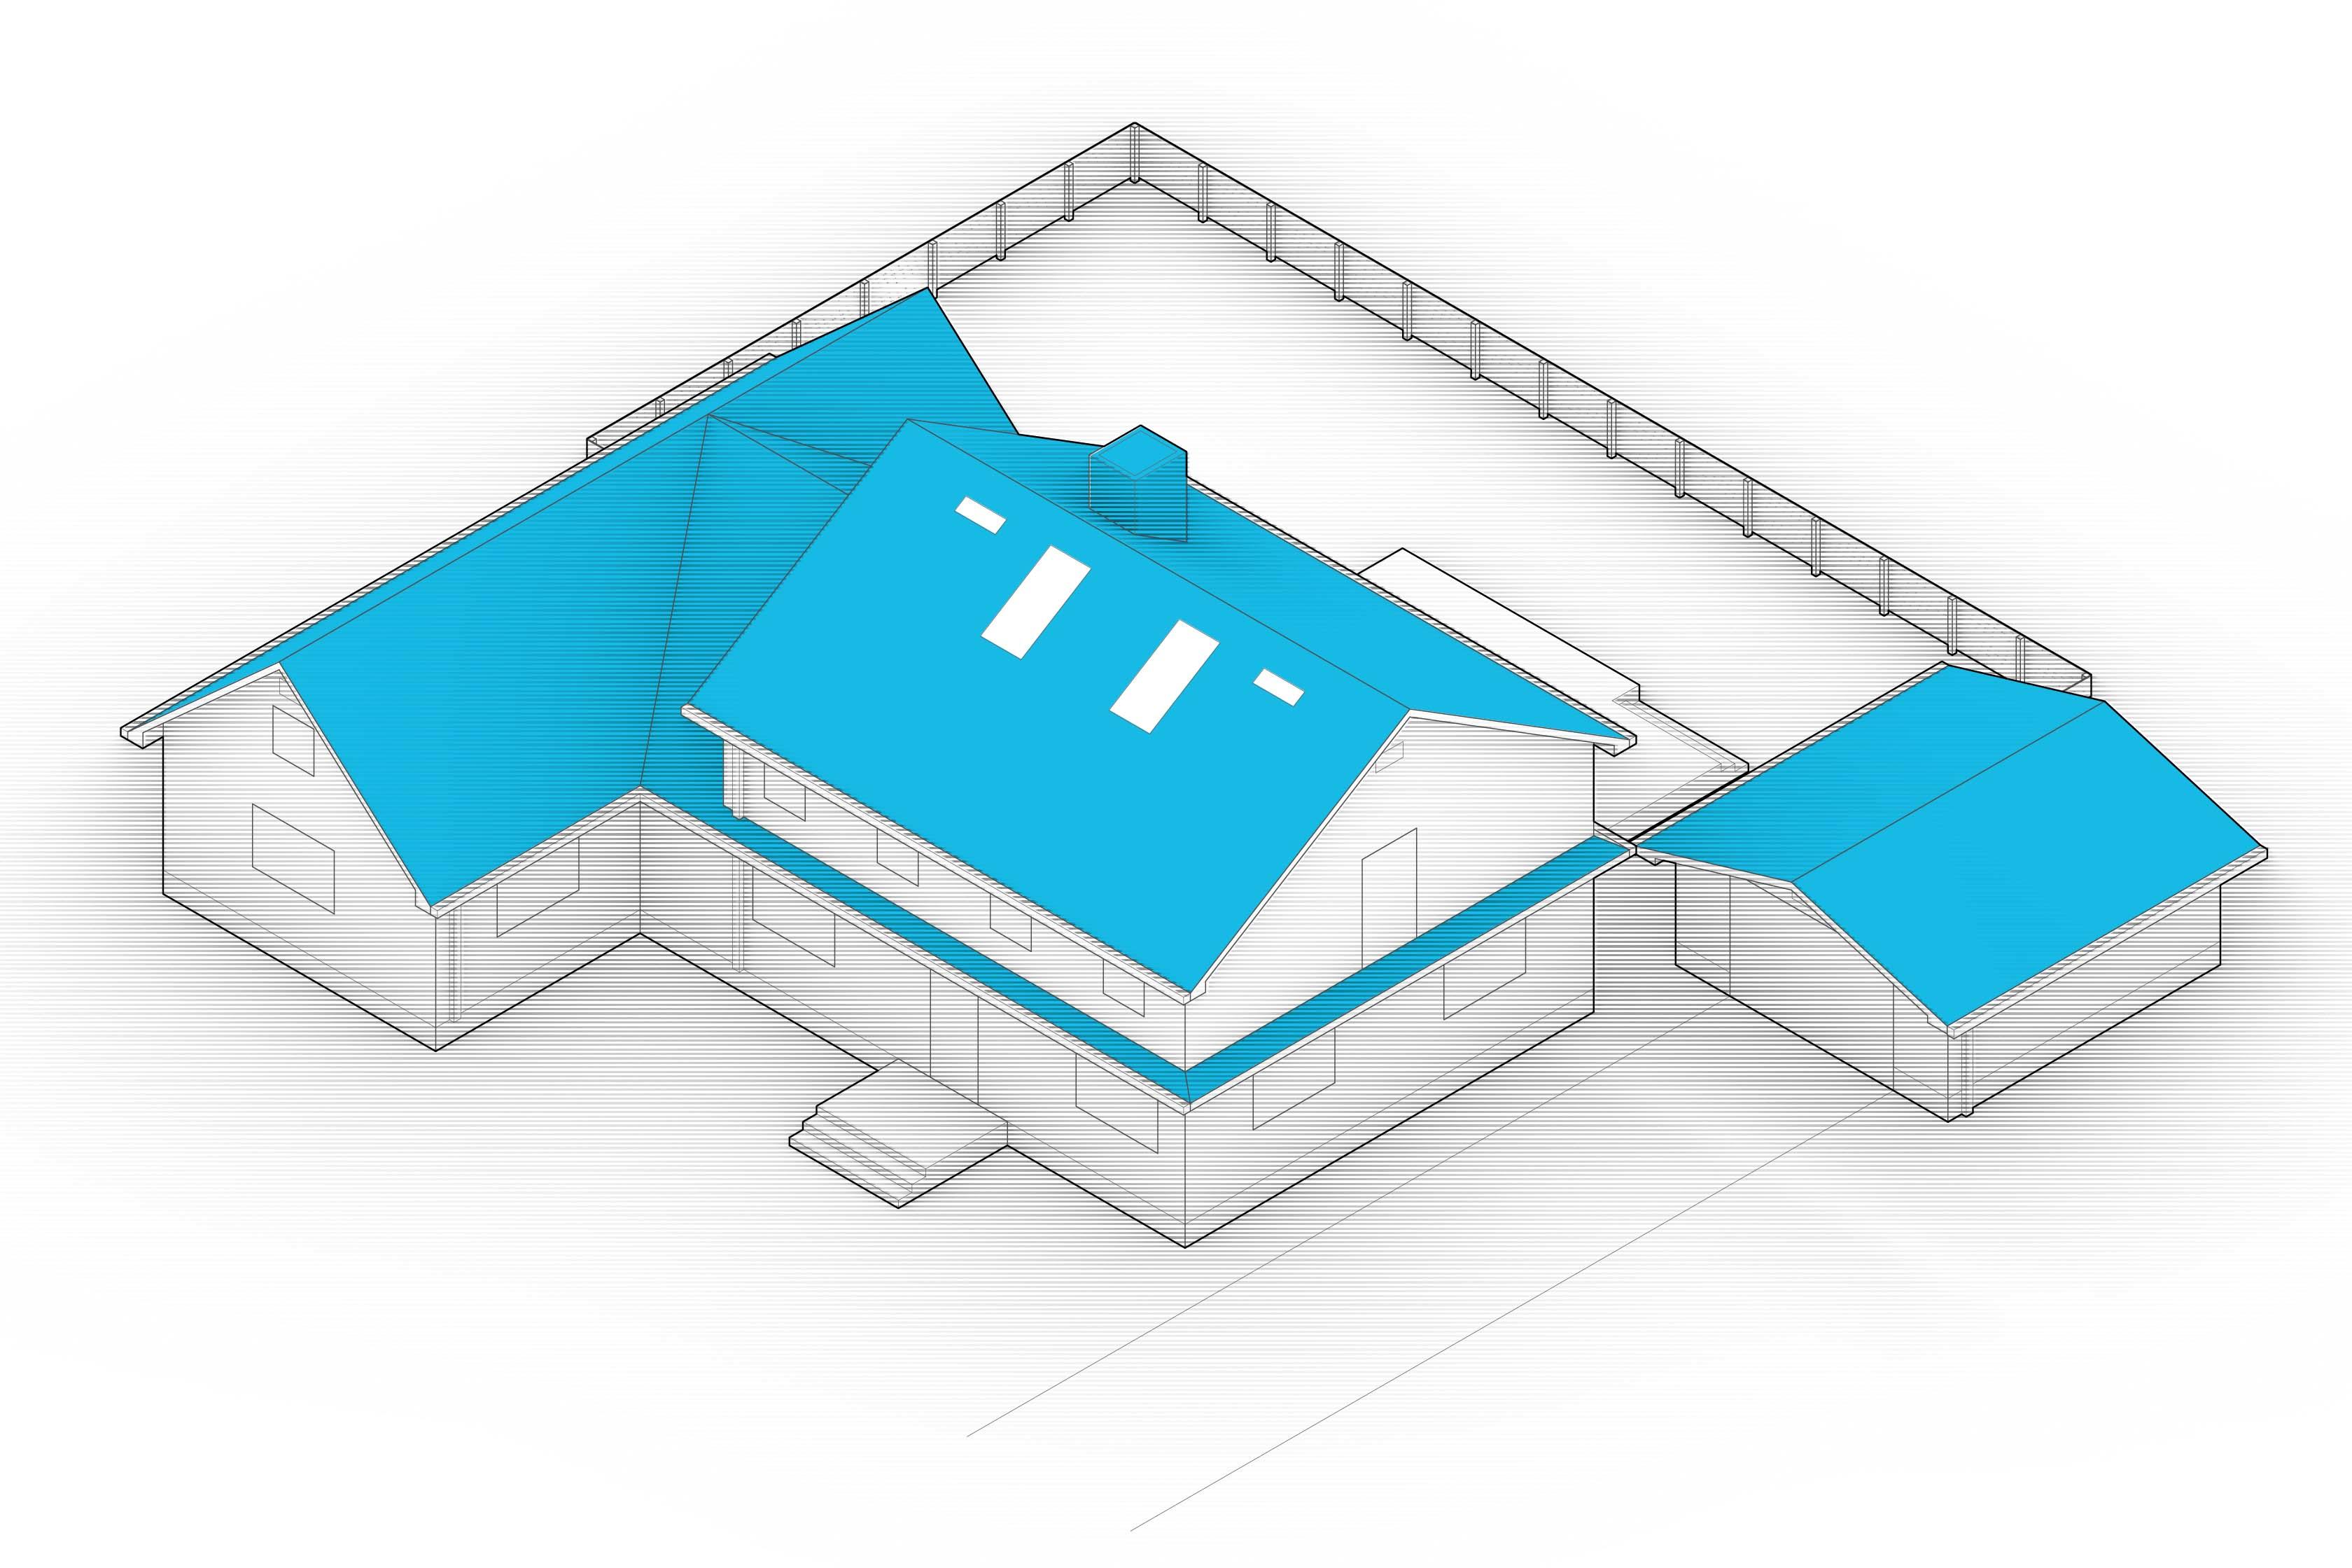 diagram of fire retardant roof